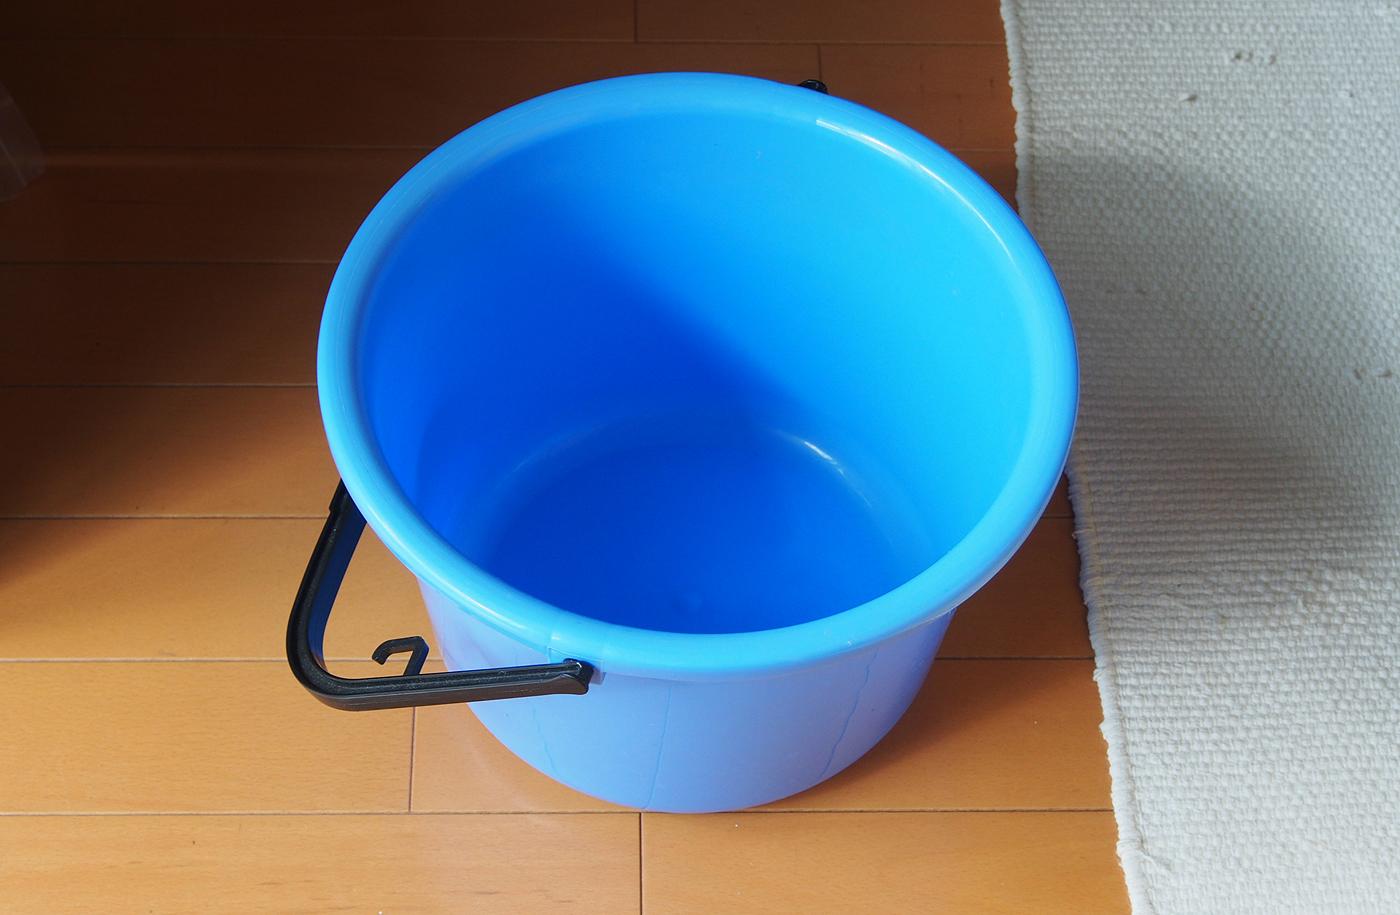 置き水わすれて、バケツがカラ